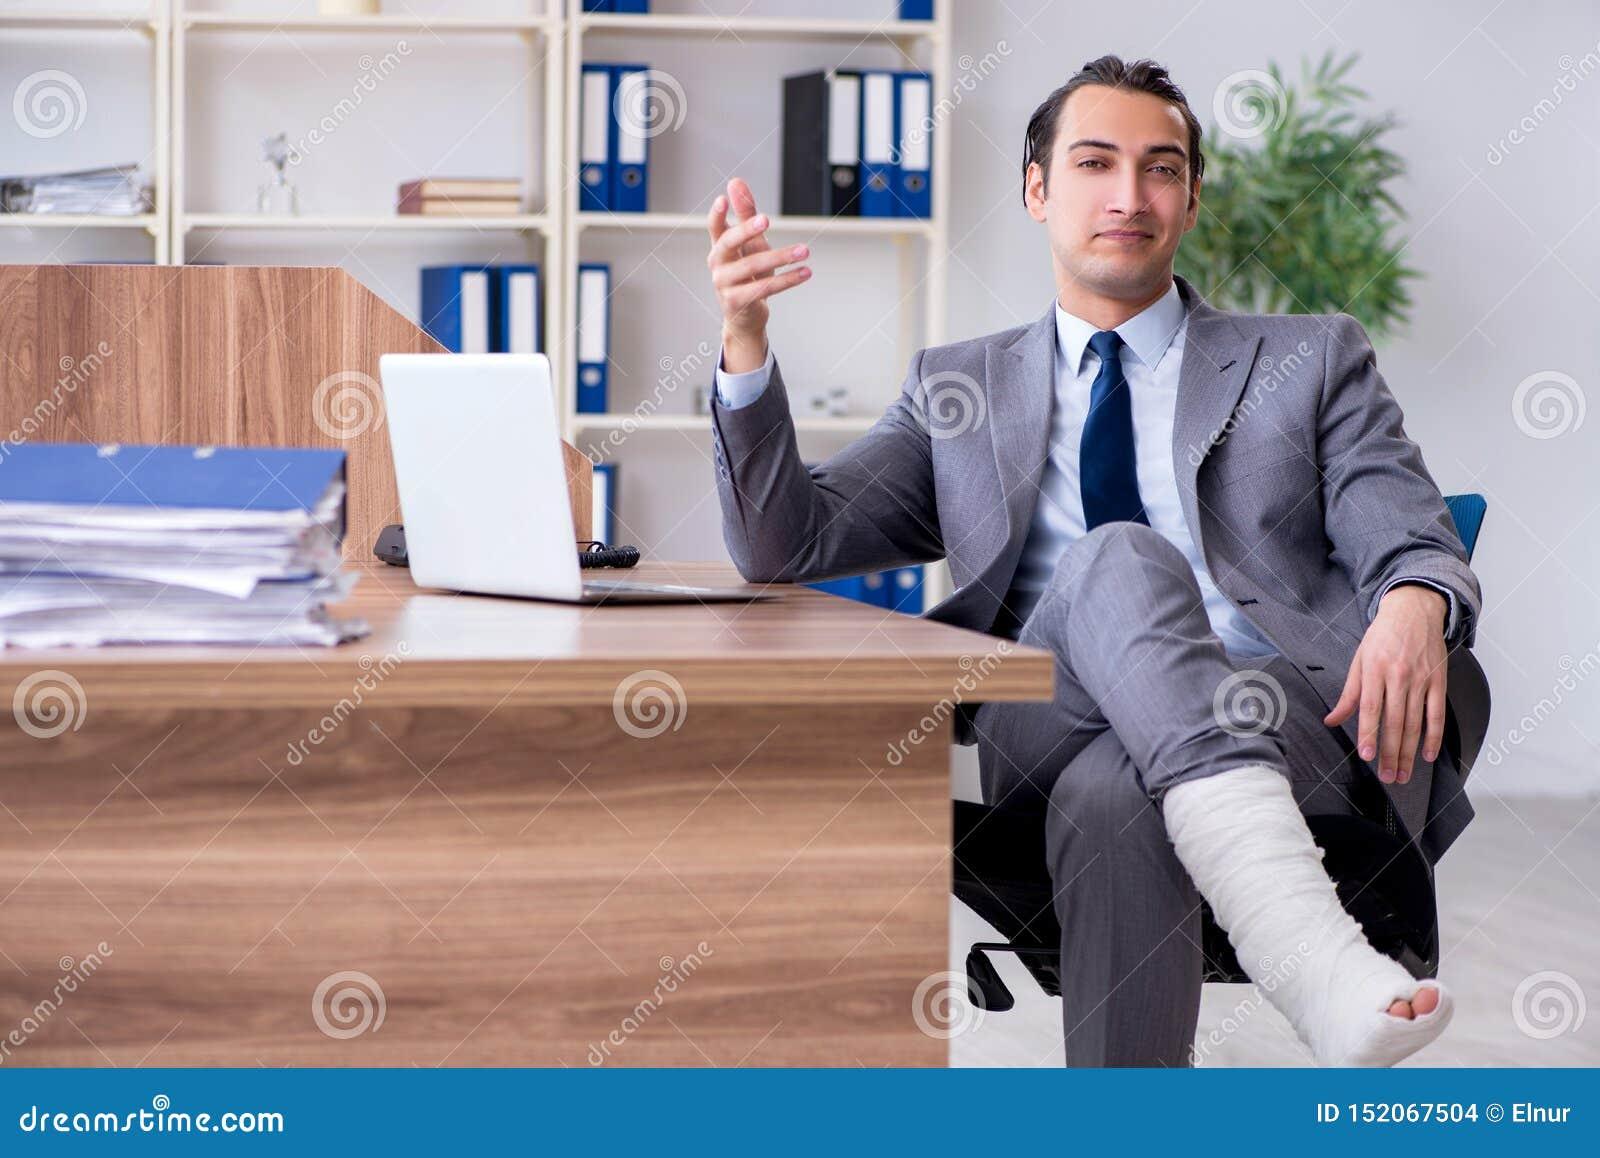 Employé masculin blessé par jambe dans le bureau